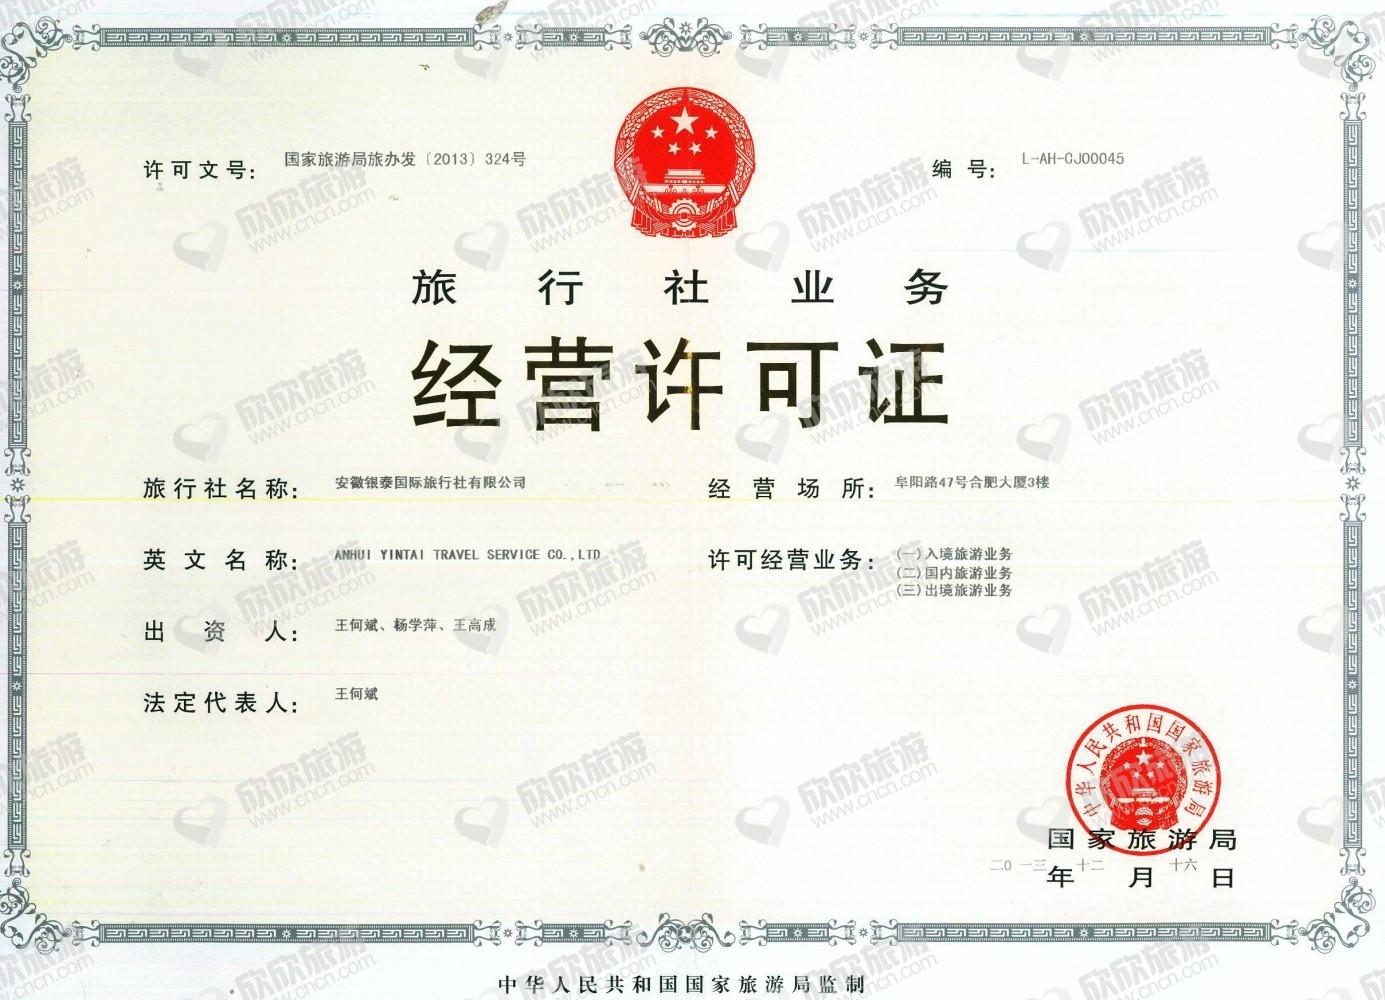 安徽银泰国际旅行社有限公司经营许可证